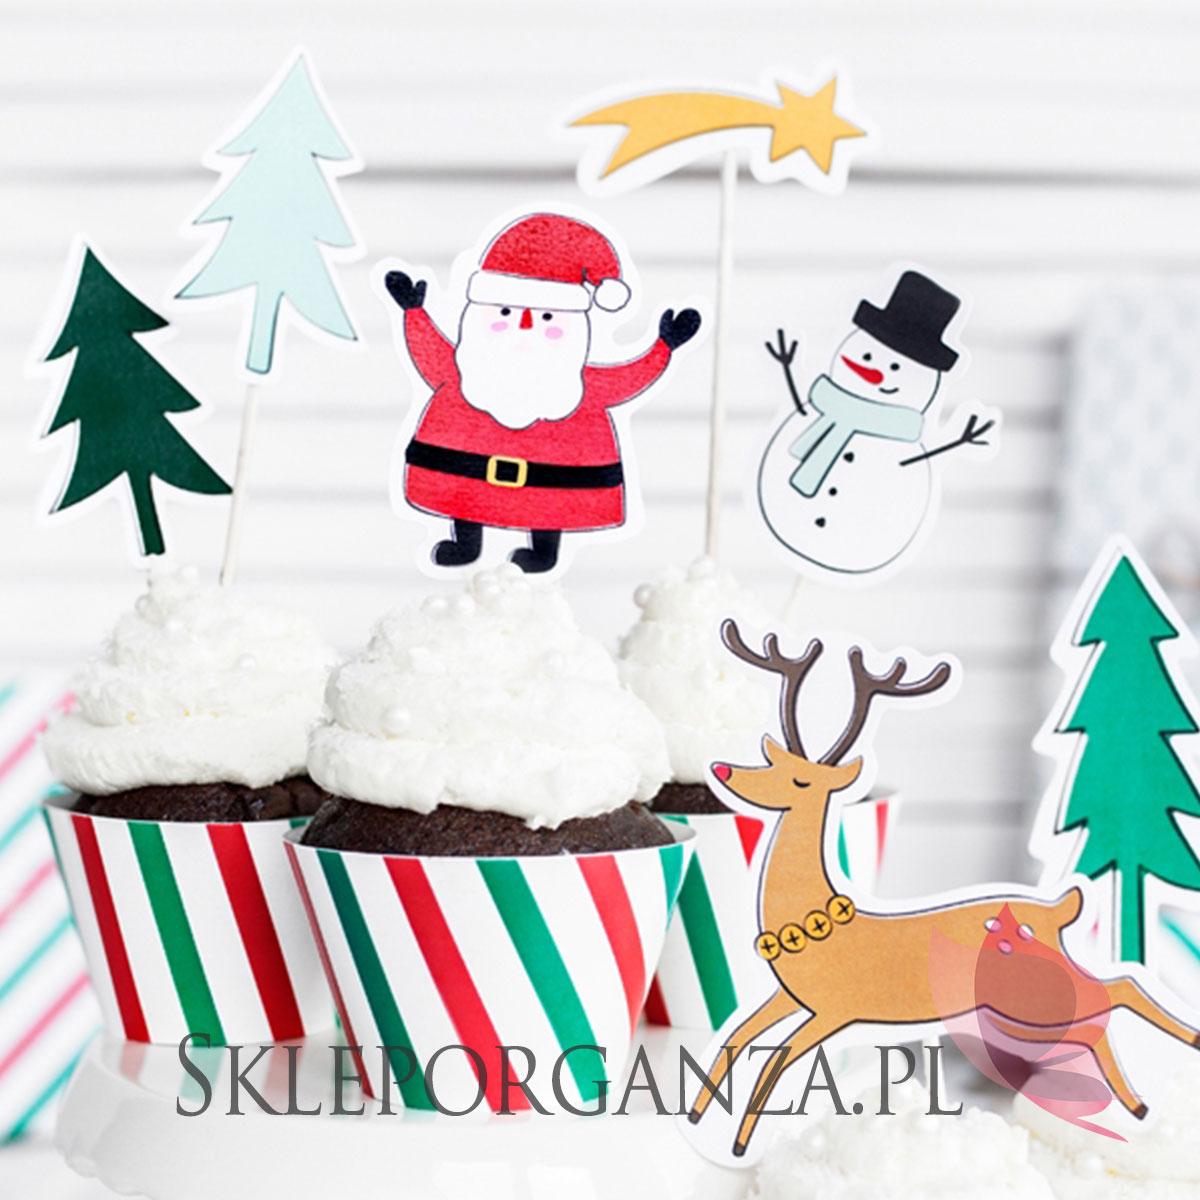 akcesoria świąteczne, babeczki i muffinki papilotki świąteczne, baner dekoracja wystaw sklepowych na święta, baner merry xmas święta, baner oryginalny dekoracja świąteczna, baner świąteczny, baner święta bożego narodzenia, dekoracje babeczek i muffinek święta, dekoracje na stół świąteczne, dekoracje świąteczne, dekoracje świąteczne na stół serwetki, dekoracje świąteczne sewetki, dekoracje wystaw sklepowych święta, dodatki na stół świąteczny, girlandy śnieżynki boże narodzenie, girlandy świąteczne, girlandy świąteczne ozdoby wystaw sklepowych, kubeczki kolekcja merry xmas, kubeczki kolekcja świąteczna, kubeczki kolekcja świąteczna merry xmas, merry xmas oryginalna kolekcja, merry xmas świąteczna kolekcja najlepsza kolekcja świąteczna merry xmas, najlepsze ozdoby świątecznego stołu, najlepsze upominki kolekcja merry xmas, ozdoby ciast świątecznych, ozdoby do dekoracji sklepów święta, ozdoby muffinek święta, ozdoby na babeczki i muffinki gwiazdki złote, ozdoby słodkości światecznych, ozdoby słodkości świątecznych kolekcja merry xmas, papier do pakowania prezentów święta bożego narodzenia, papier ozdobny do pakowania prezentów, papier ozdobny do pakowania prezentów święta, papilotki na muffinki święta, personalizowane upominki firmowe, serwetki kolekcja merry xmas, serwetki merry xmas, serwetki merry xmas święta, serwetki świąteczne, serwetki świąteczne kolekcja merry xmas, słomki biało czerwone, słomki biało czerwone dekoracja świąteczna, słomki świąteczne dekoracja stołu, świąteczna kolekcja, święta akcesoria, święta bożego narodzenia, święta bożego narodzenia dodatki, święta dekoracje, święta upominki, święta upominki personalizowane, toppery gwiazdki złote, toppery na ciasto świąteczne,